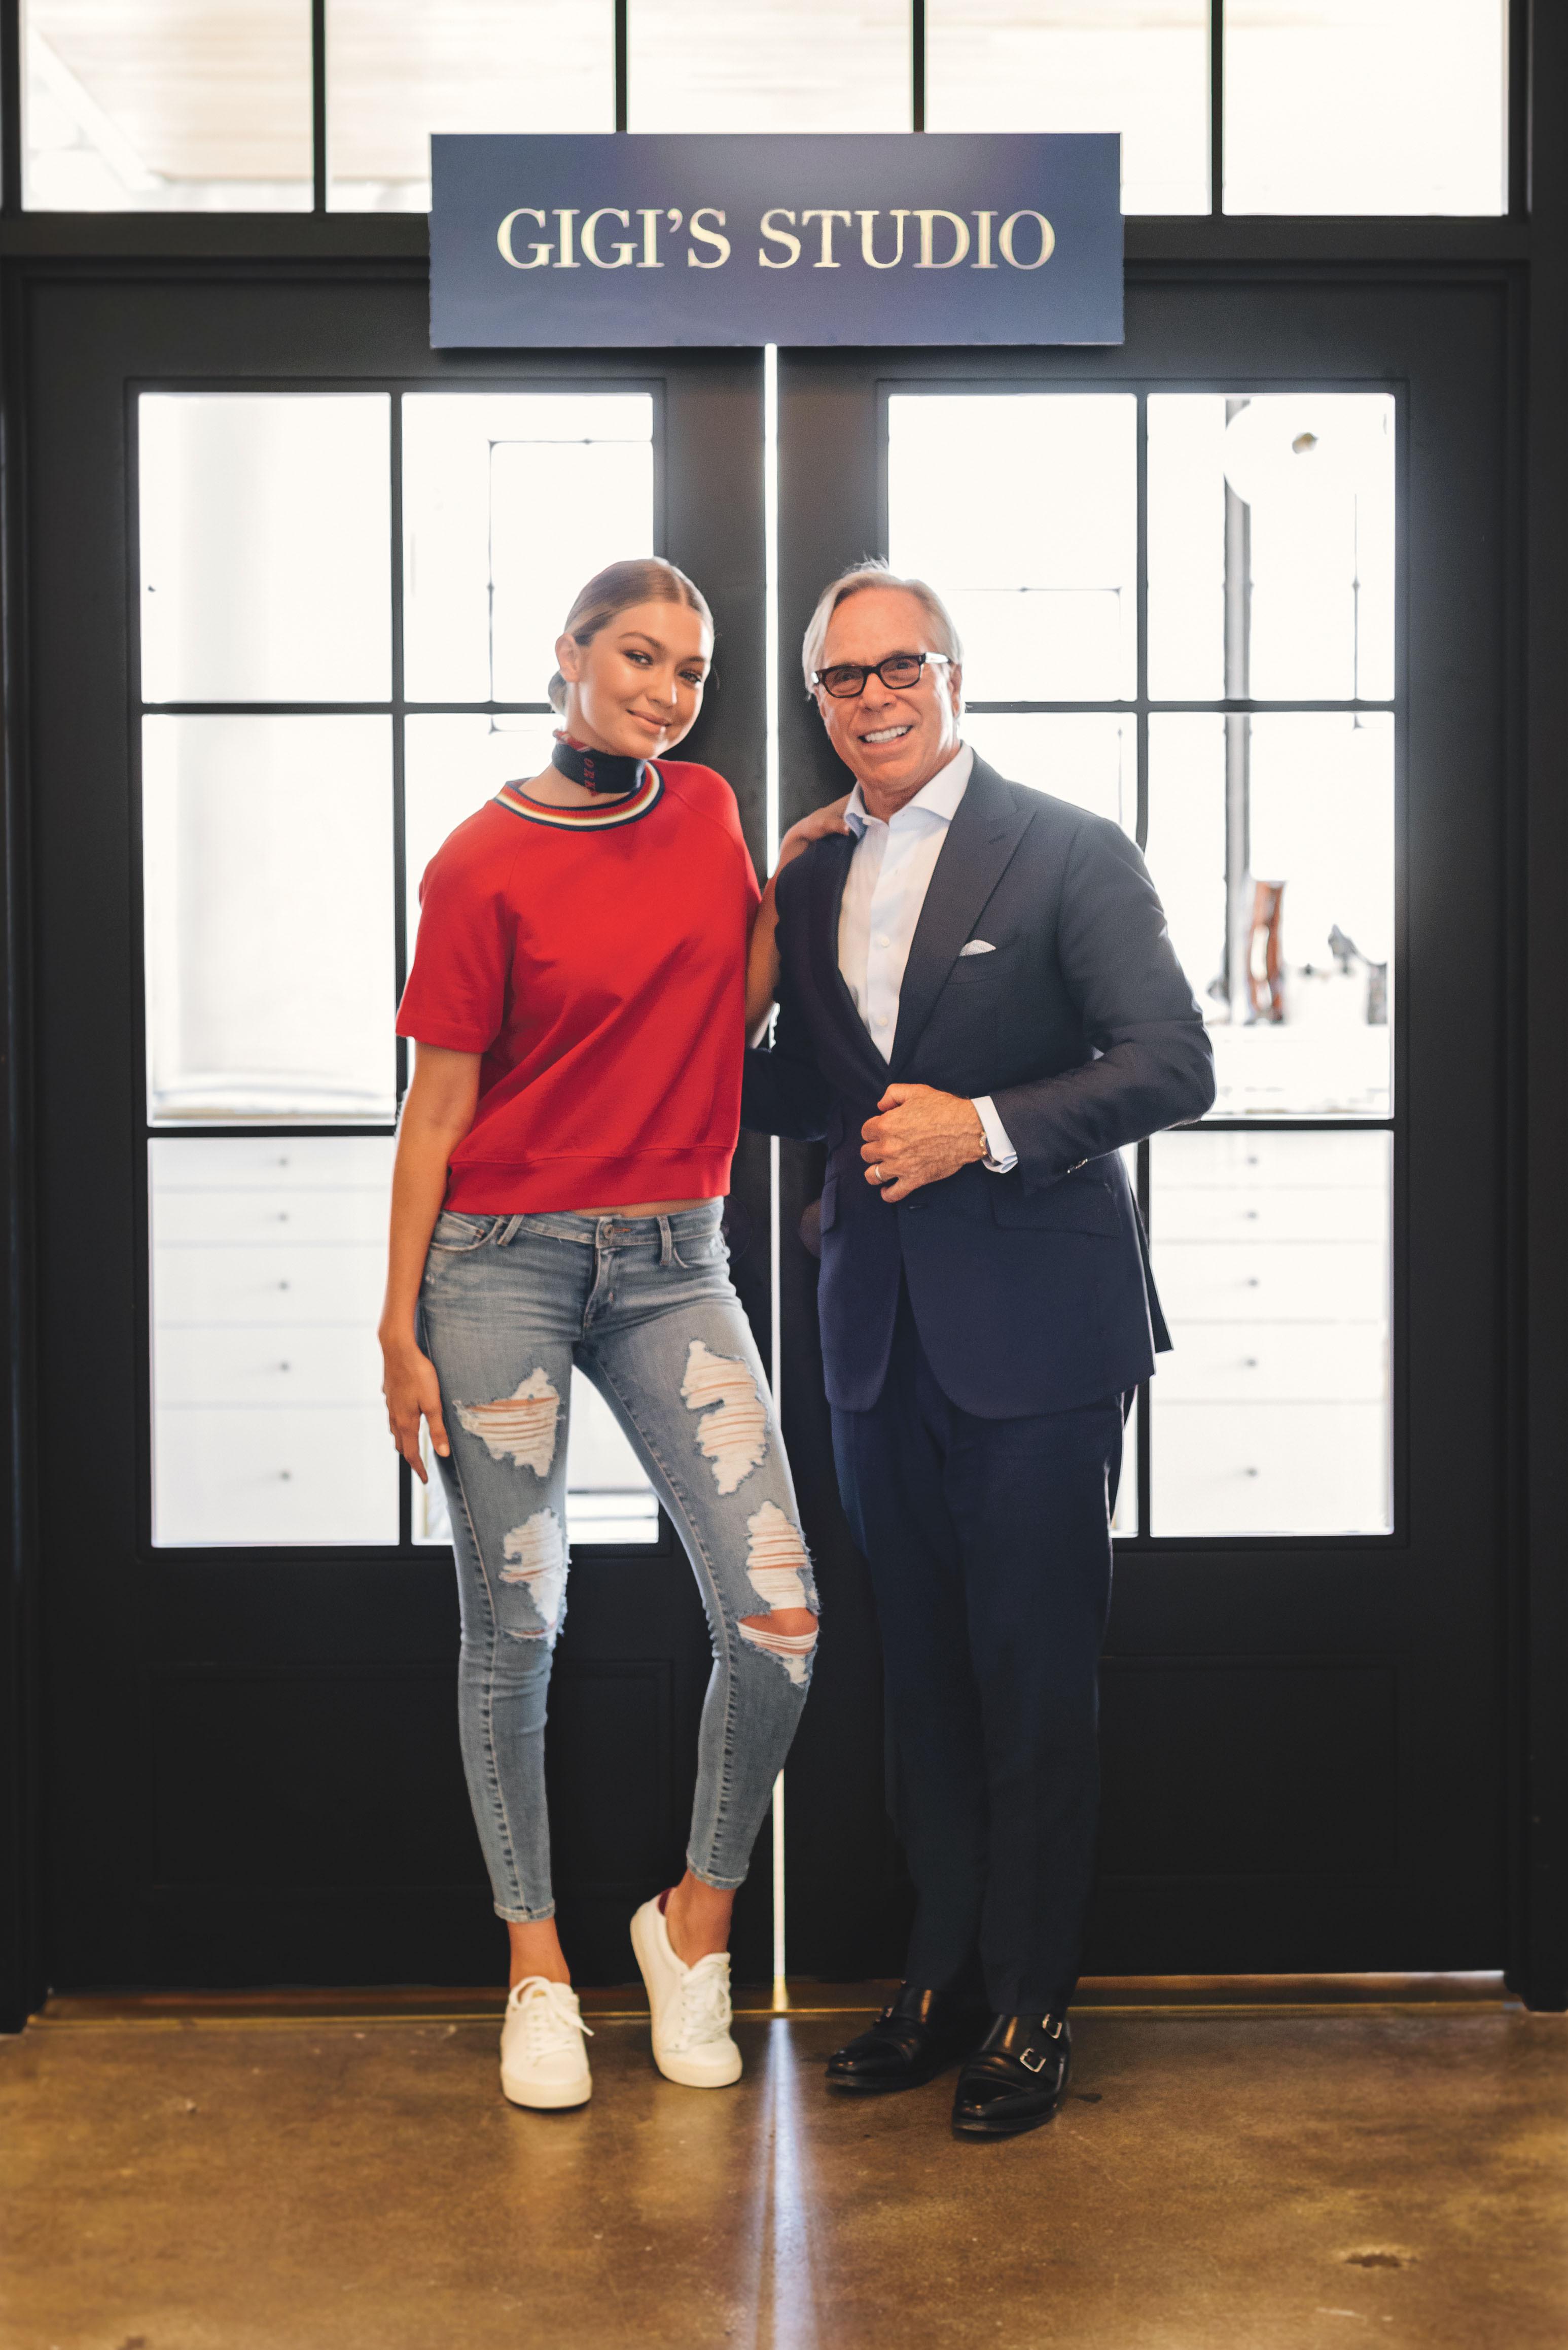 tommy hilfiger announces gigi hadid as global brand ambassador for tommy hilfiger business wire. Black Bedroom Furniture Sets. Home Design Ideas